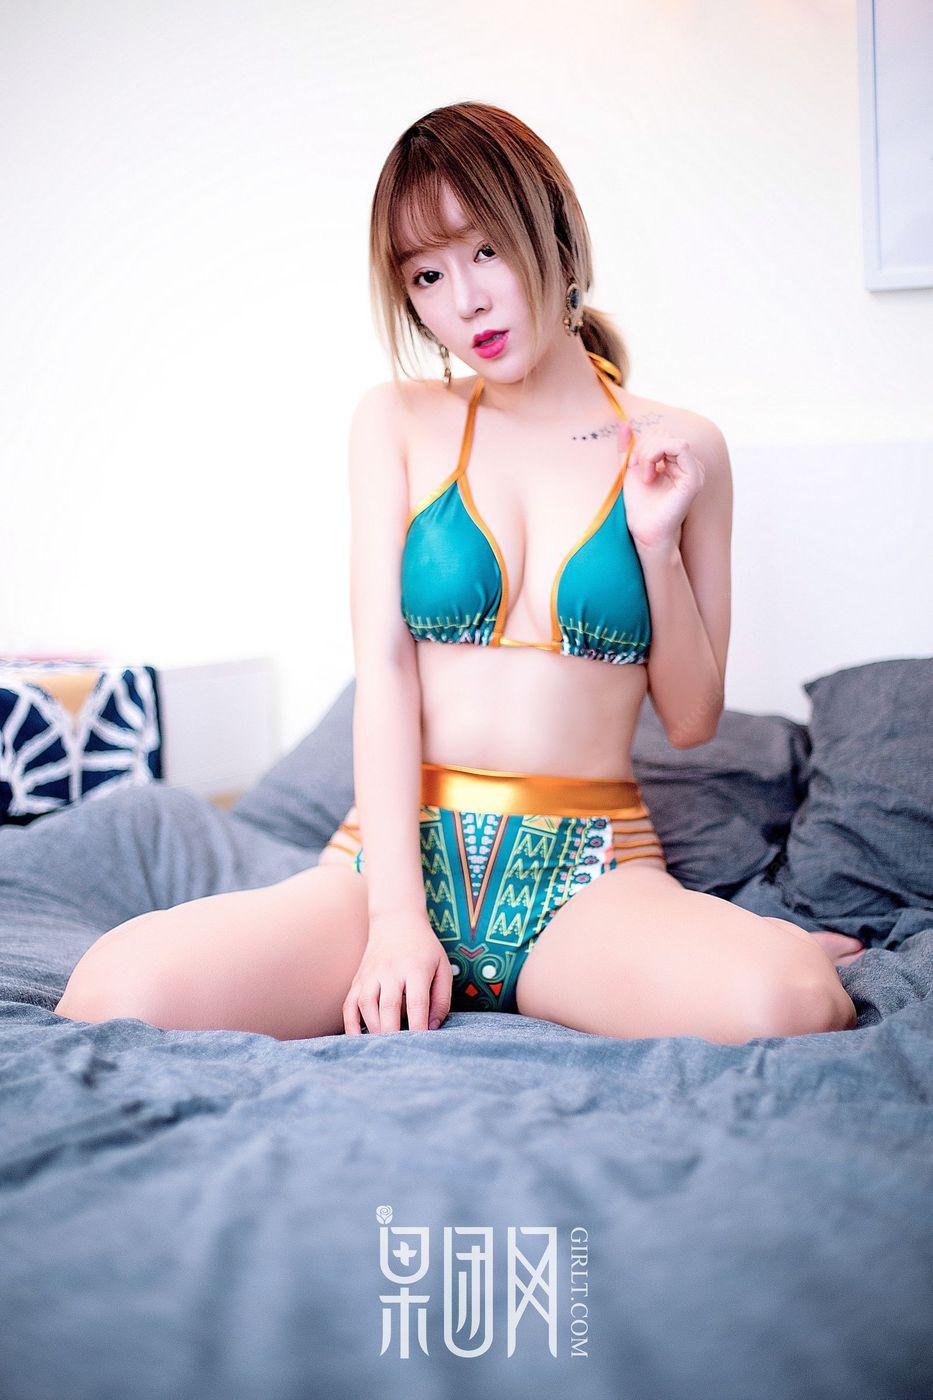 [Girlt果团网] 性感嫩模王语纯黑丝美腿内衣诱惑显美胸果团首秀